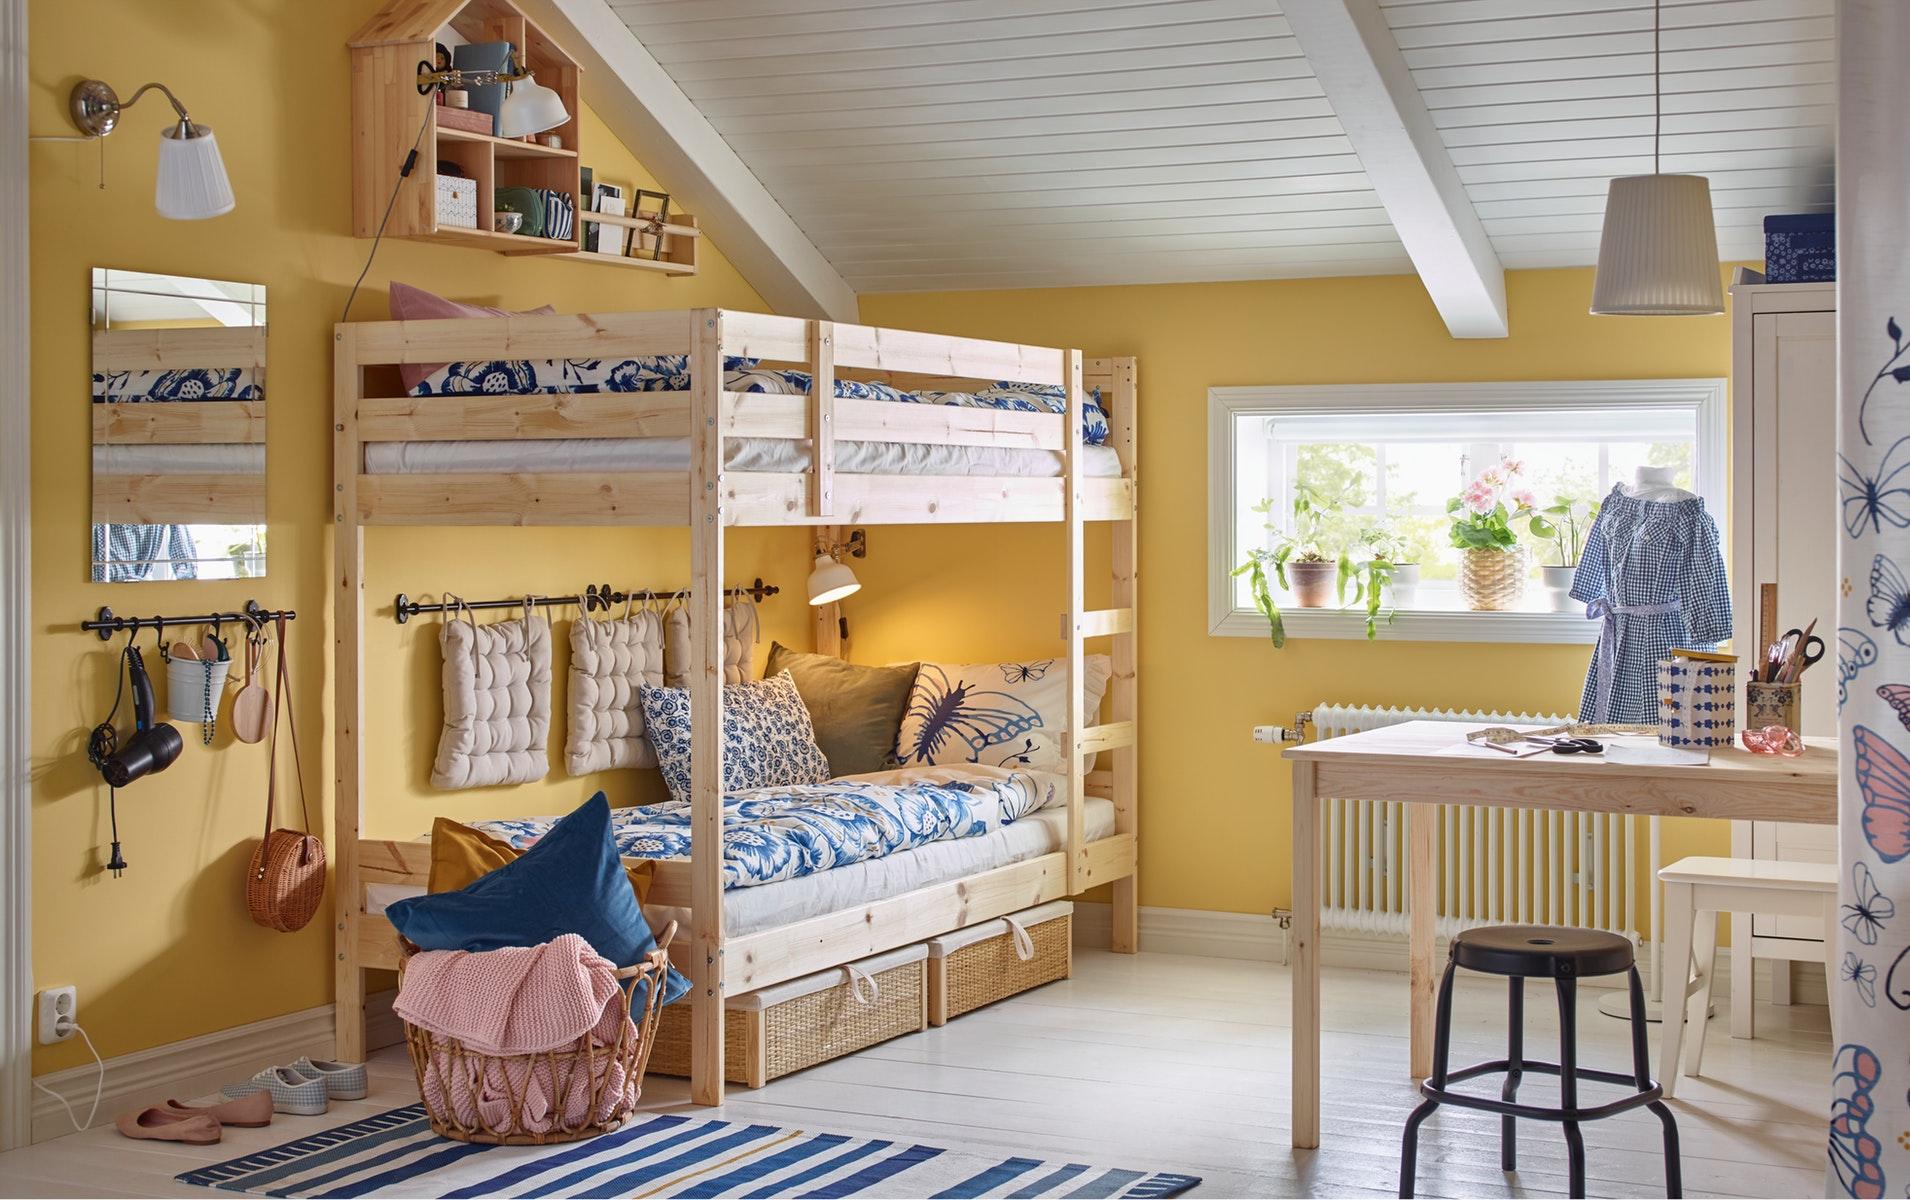 Tempat tidur tingkat dengan dua tempat tidur yang bagian bawah ranjangnya